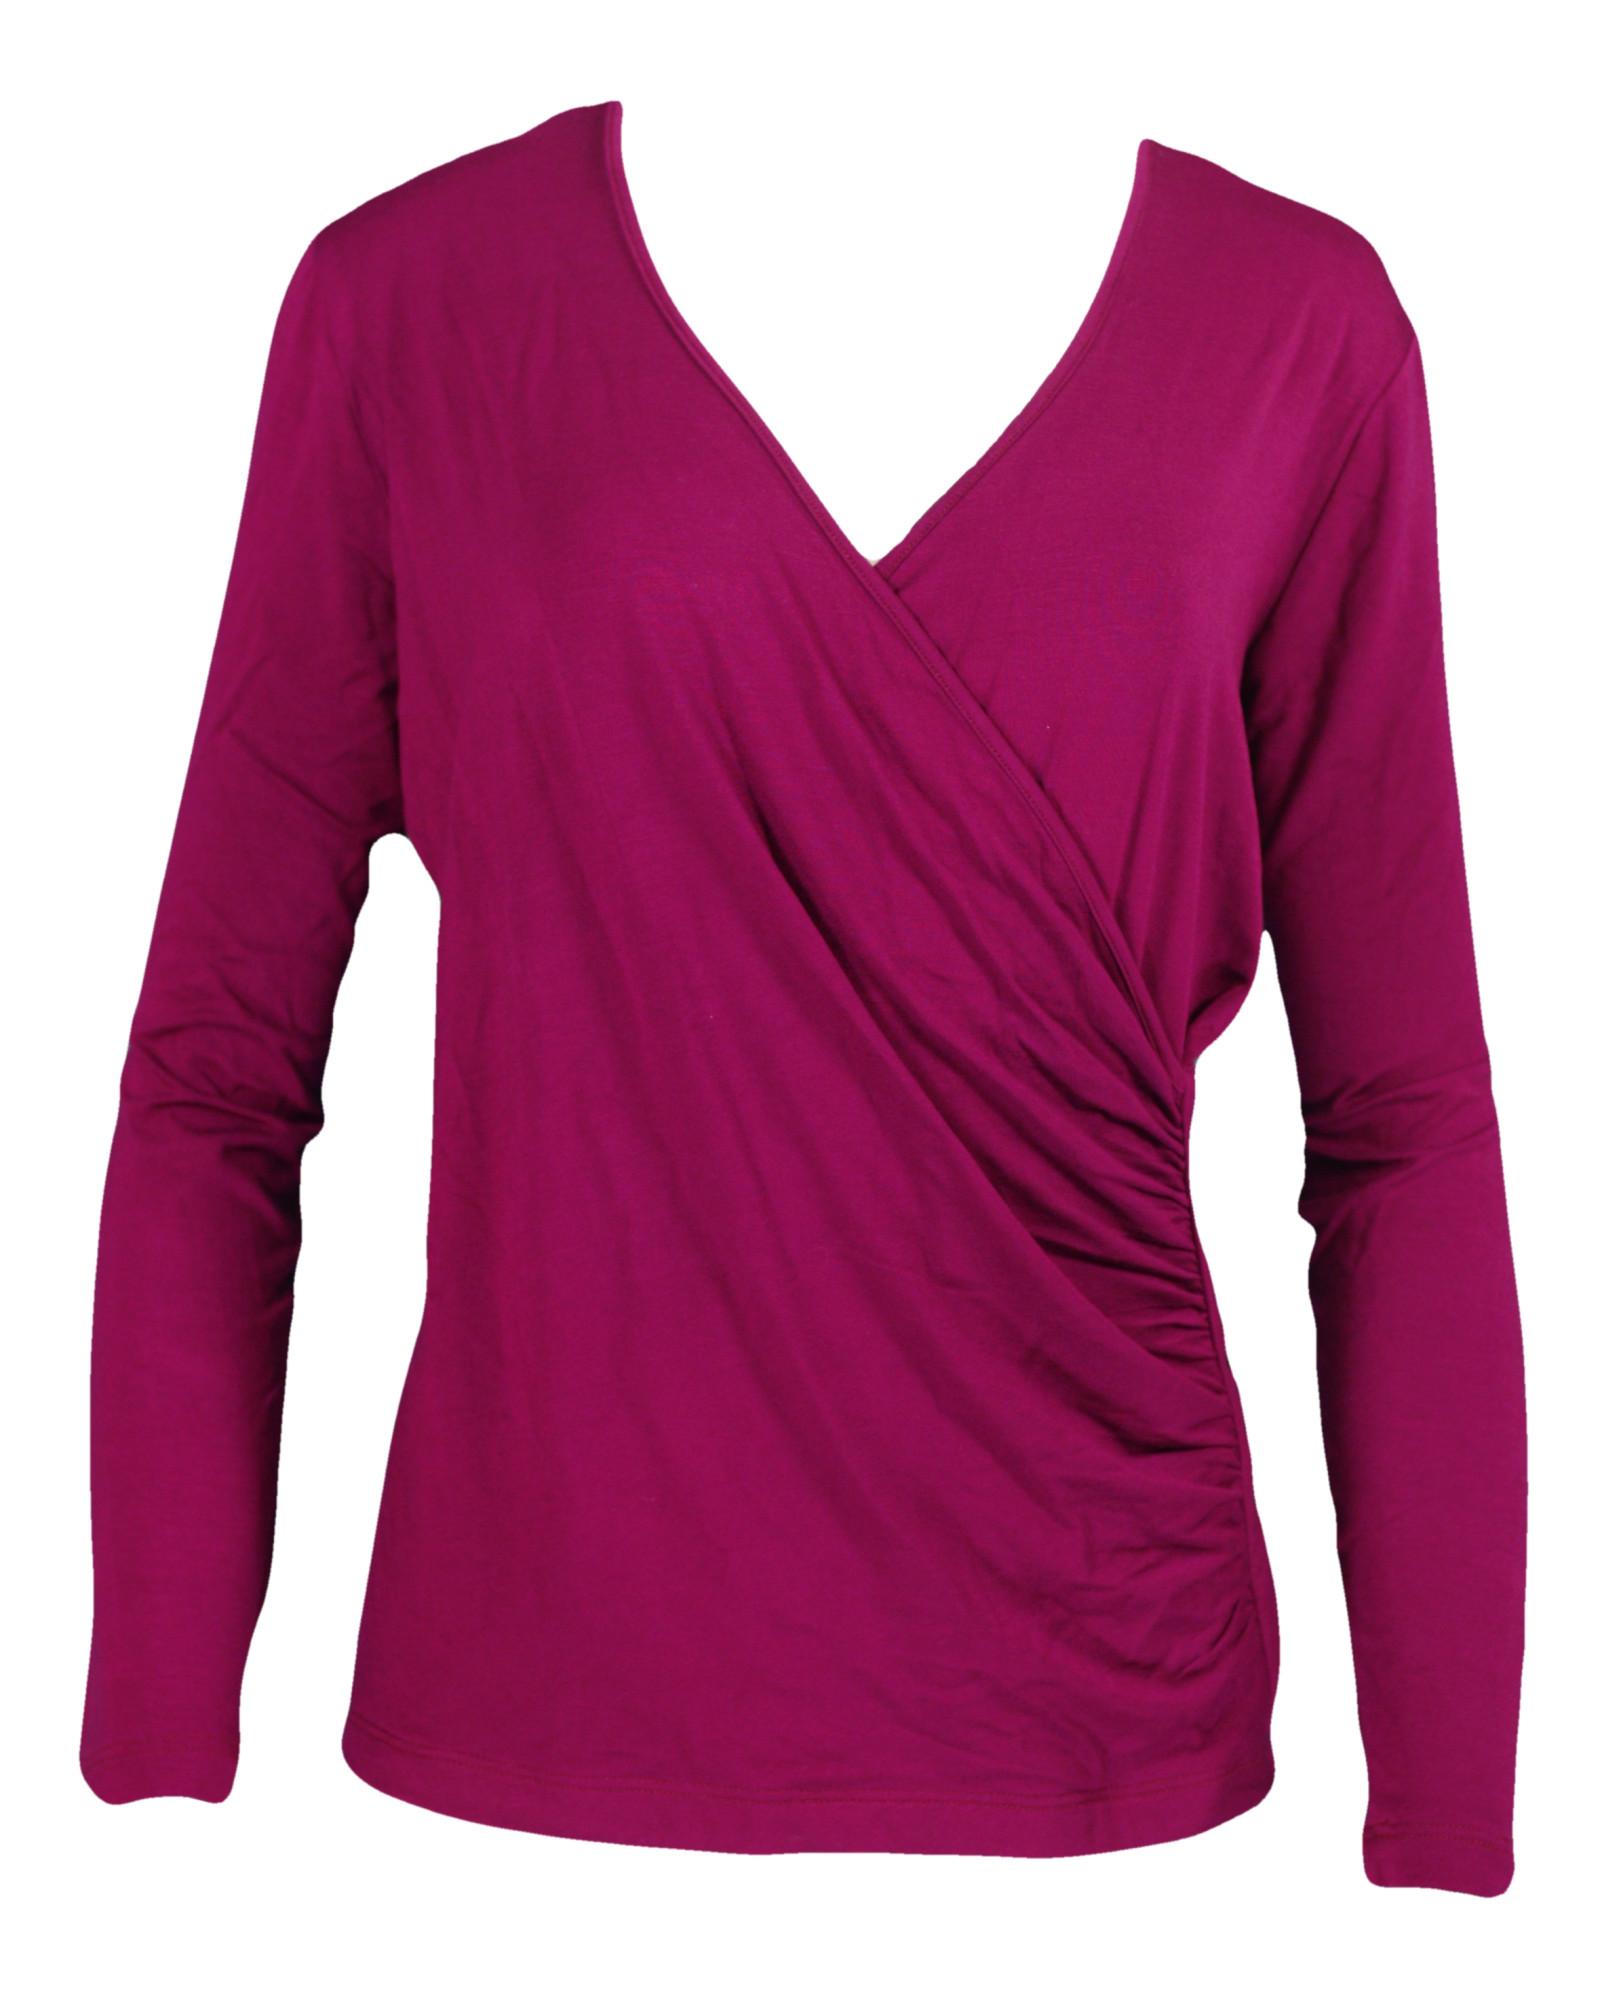 Dámské tričko Kami - Favab - Fuchsia/XL